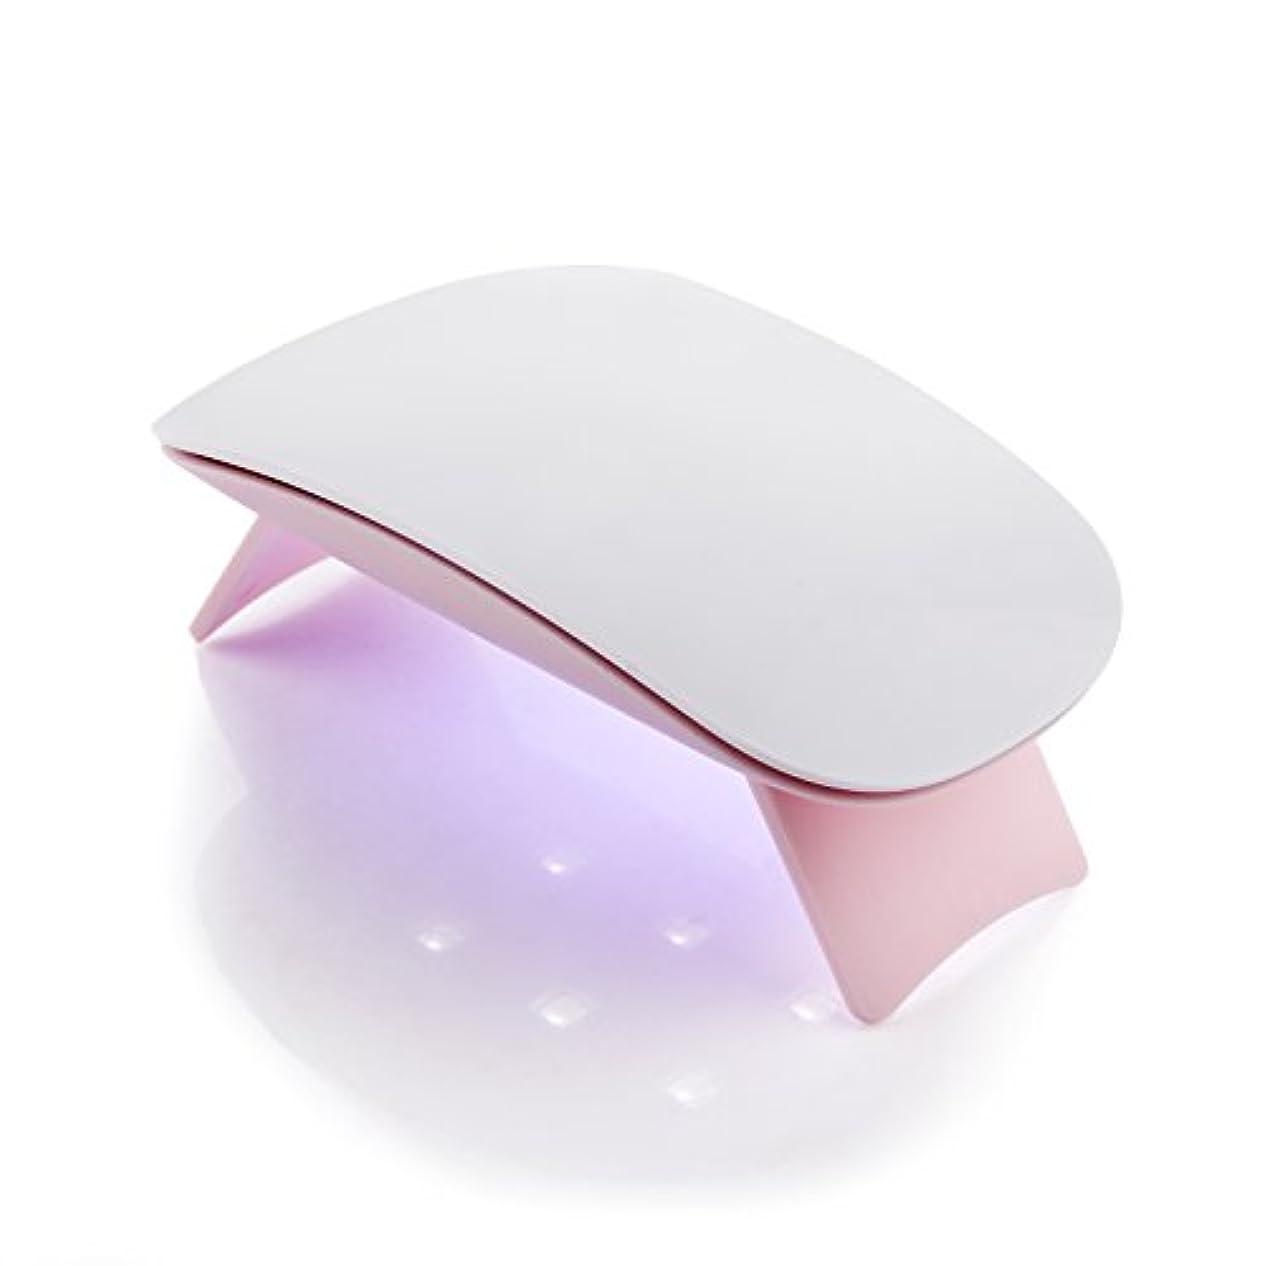 化学者臭い時Makartt 6W UV ジェルネイルLEDライト  超ミニ USB式ネイルドライヤー ネイル硬化用ライト 赤外線検知